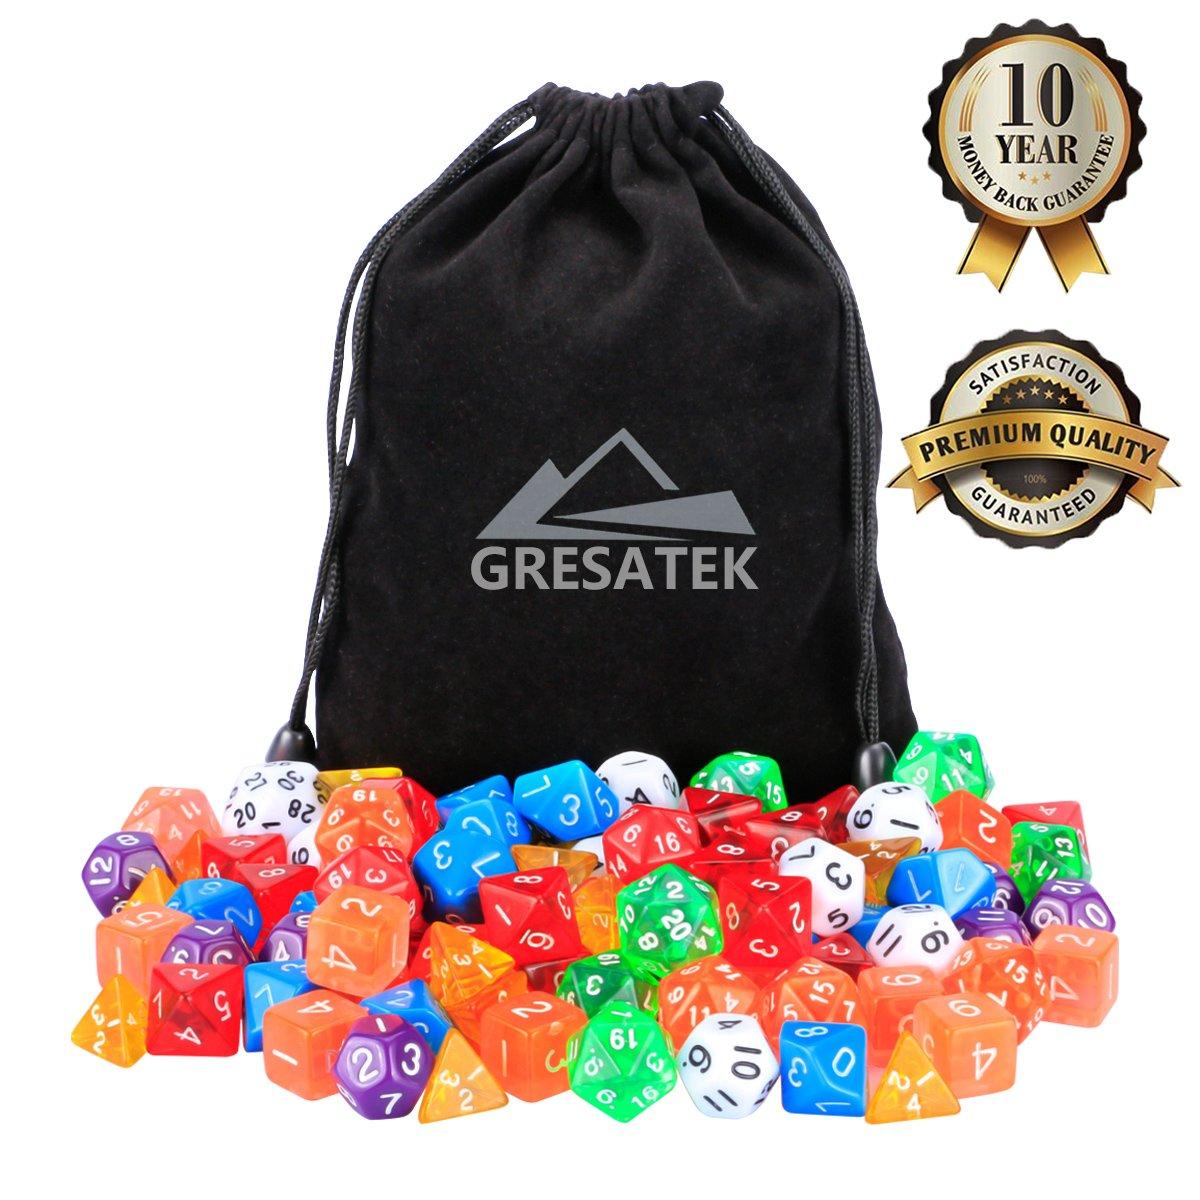 【年中無休】 [GRESATEK]GRESATEK Polyhedral Dice B01M0IPIBW 7 Per Pack in Multiple and Colors Dice | 1 Complete Sets | 4, 6, 8, 10, 12, 20 and 30 Sided Dice Included |At [並行輸入品] B01M0IPIBW, イナガワチョウ:7ea8e908 --- hohpartnership-com.access.secure-ssl-servers.biz